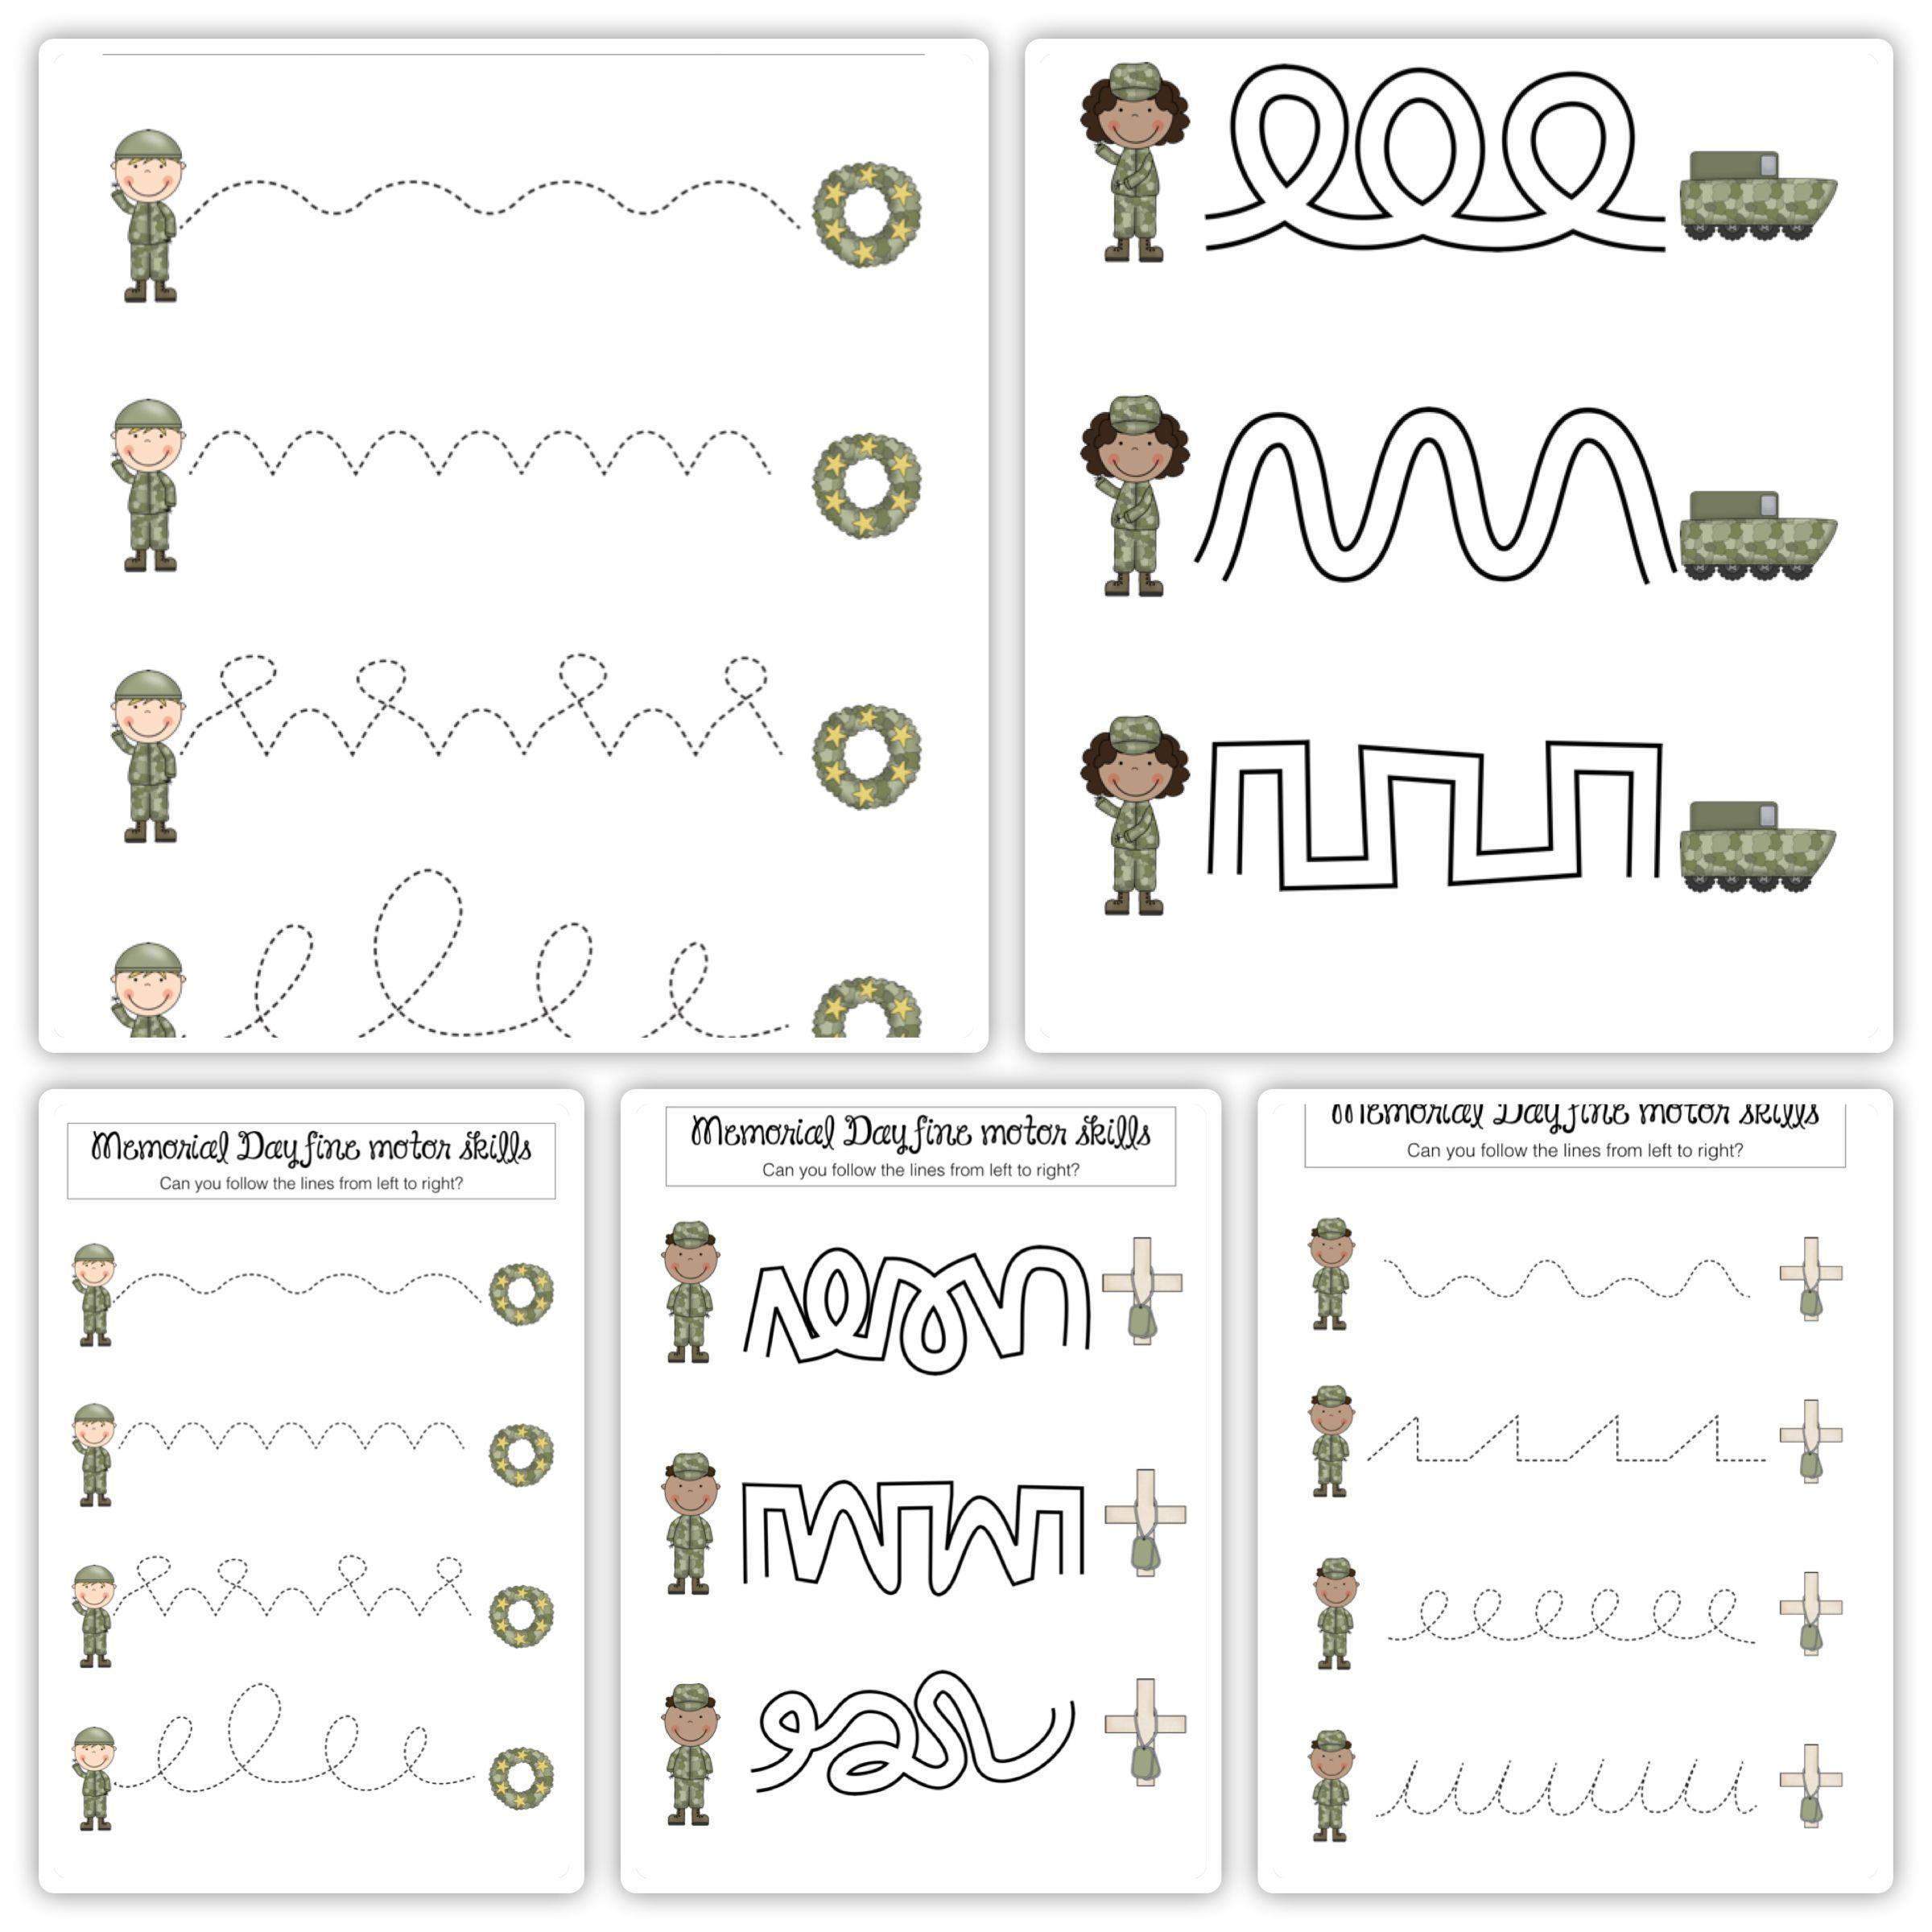 Worksheet Fine Motor Skills Worksheets Worksheet Fun